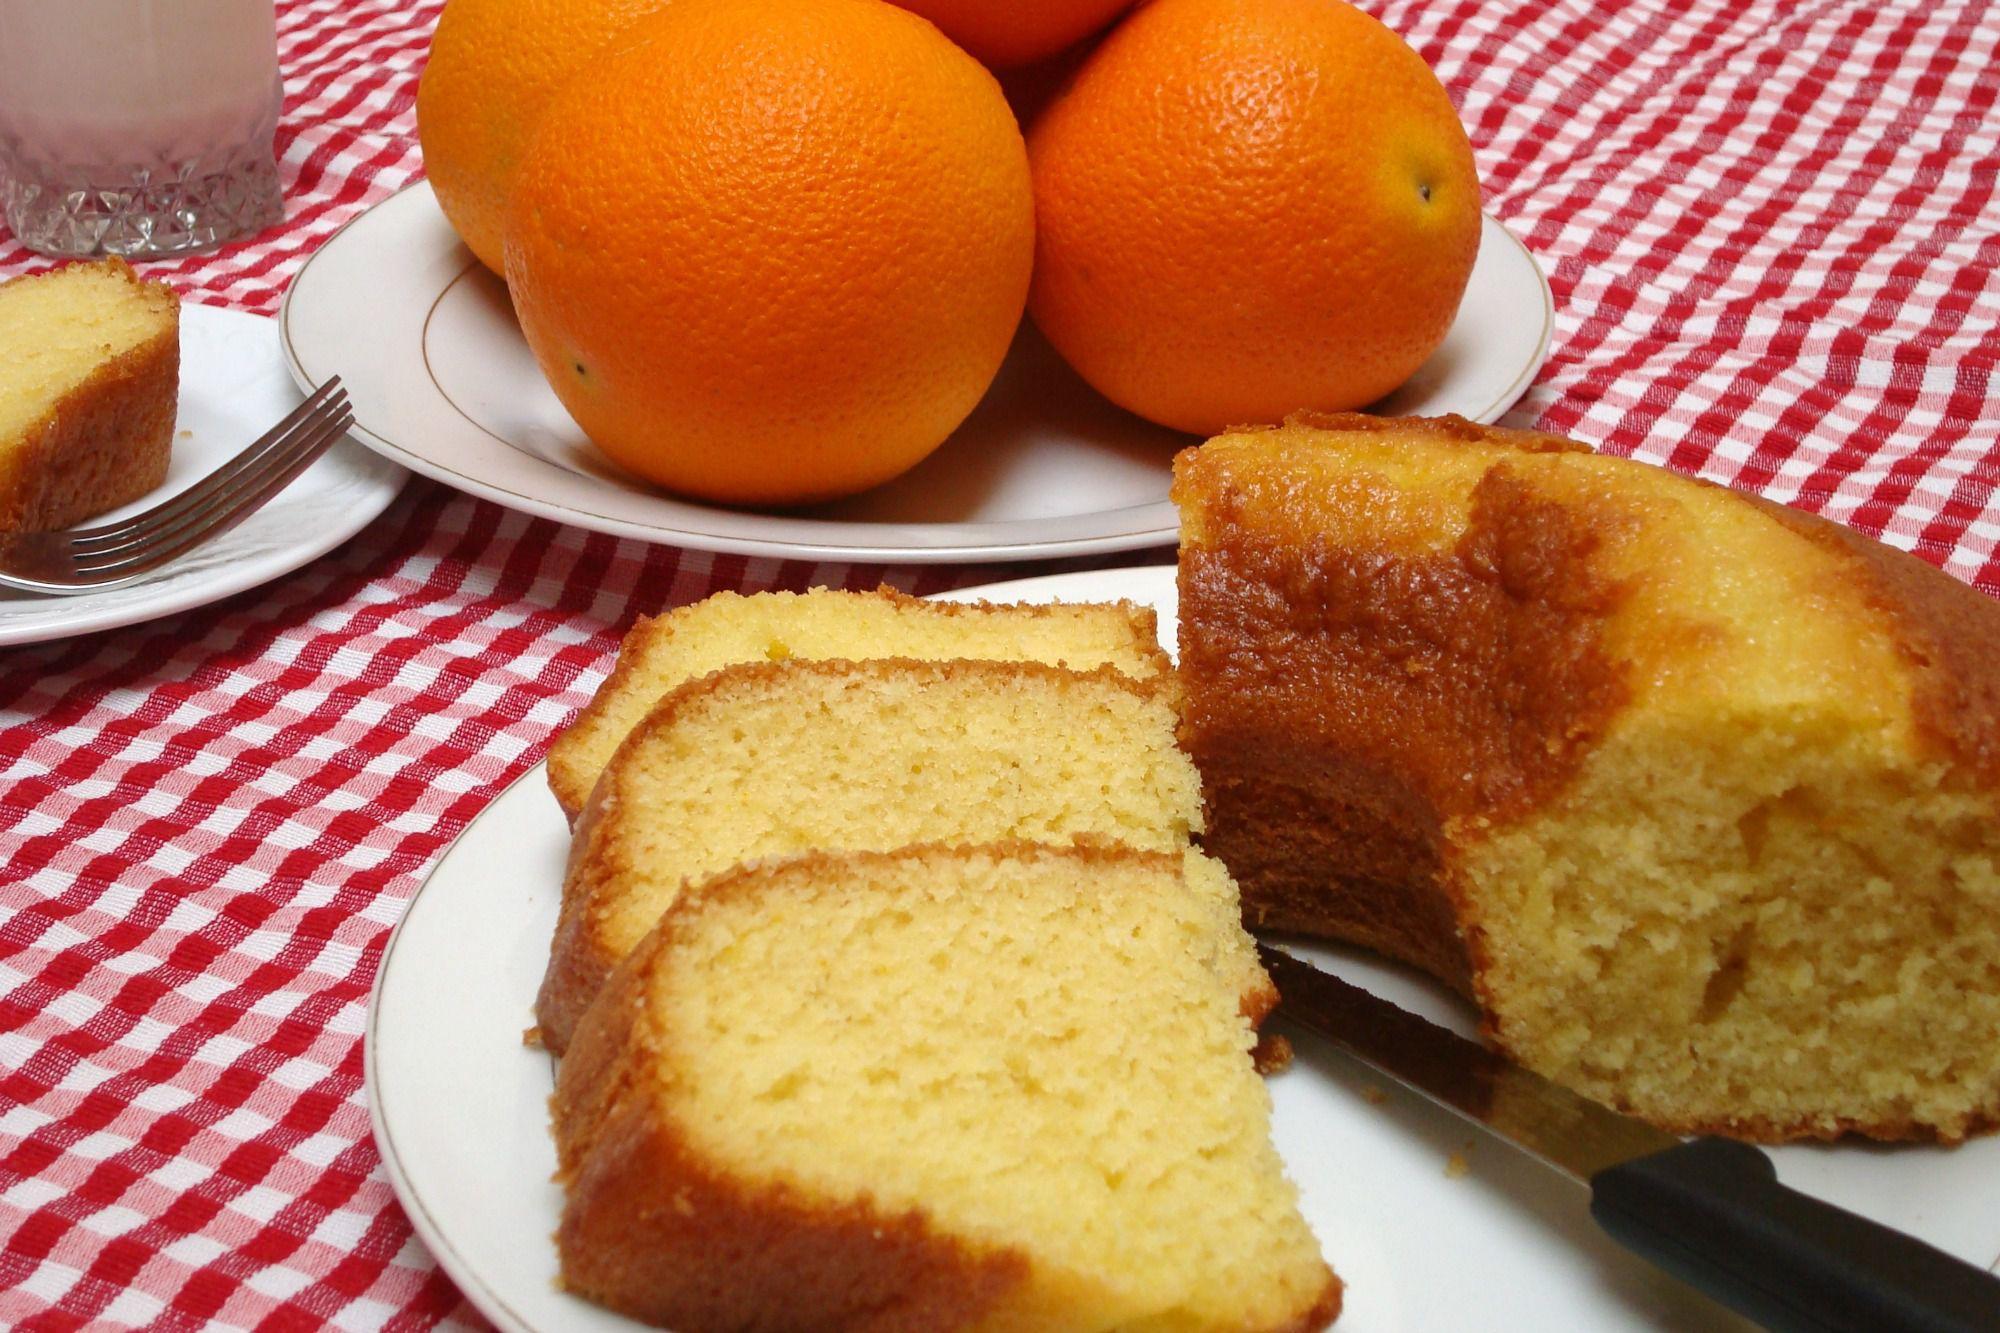 imagem mostra receita de bolo de laranja